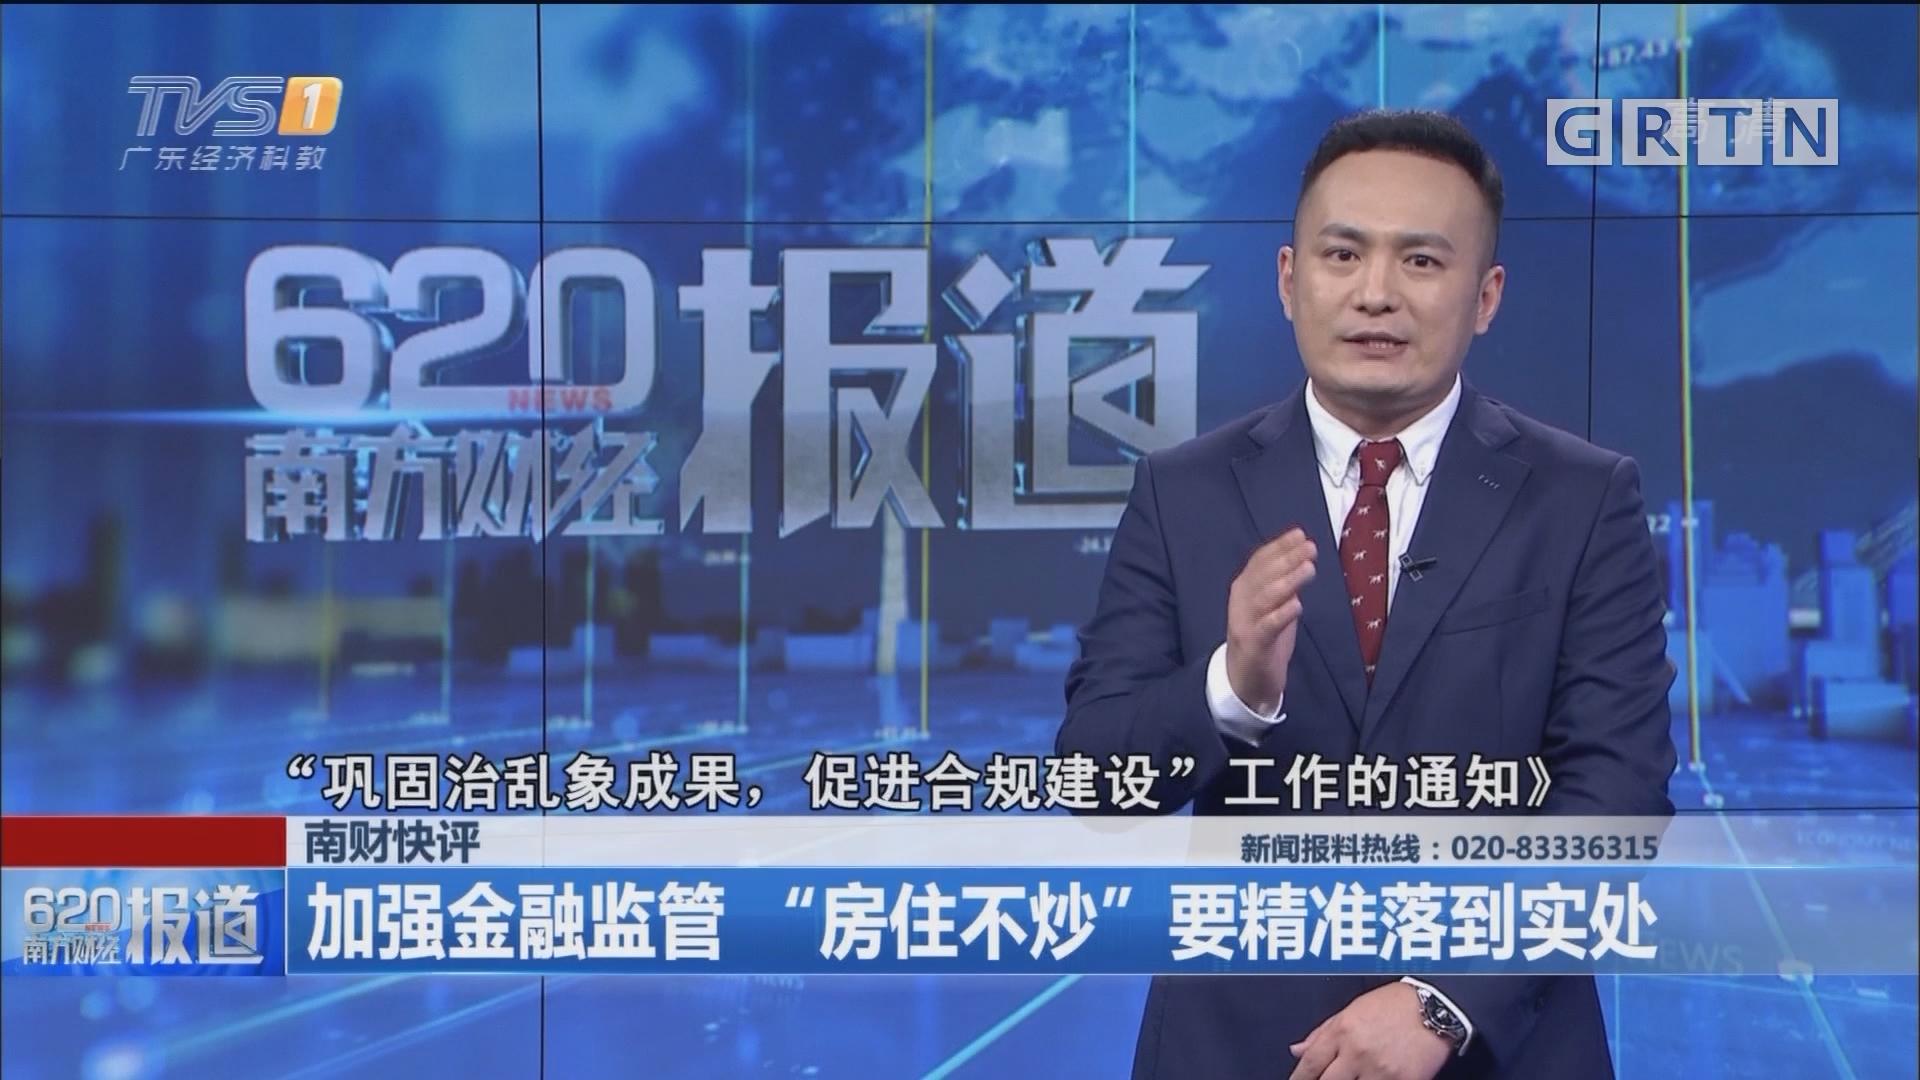 """南财快评:加强金融监管 """"房住不炒""""要精准落到实处"""